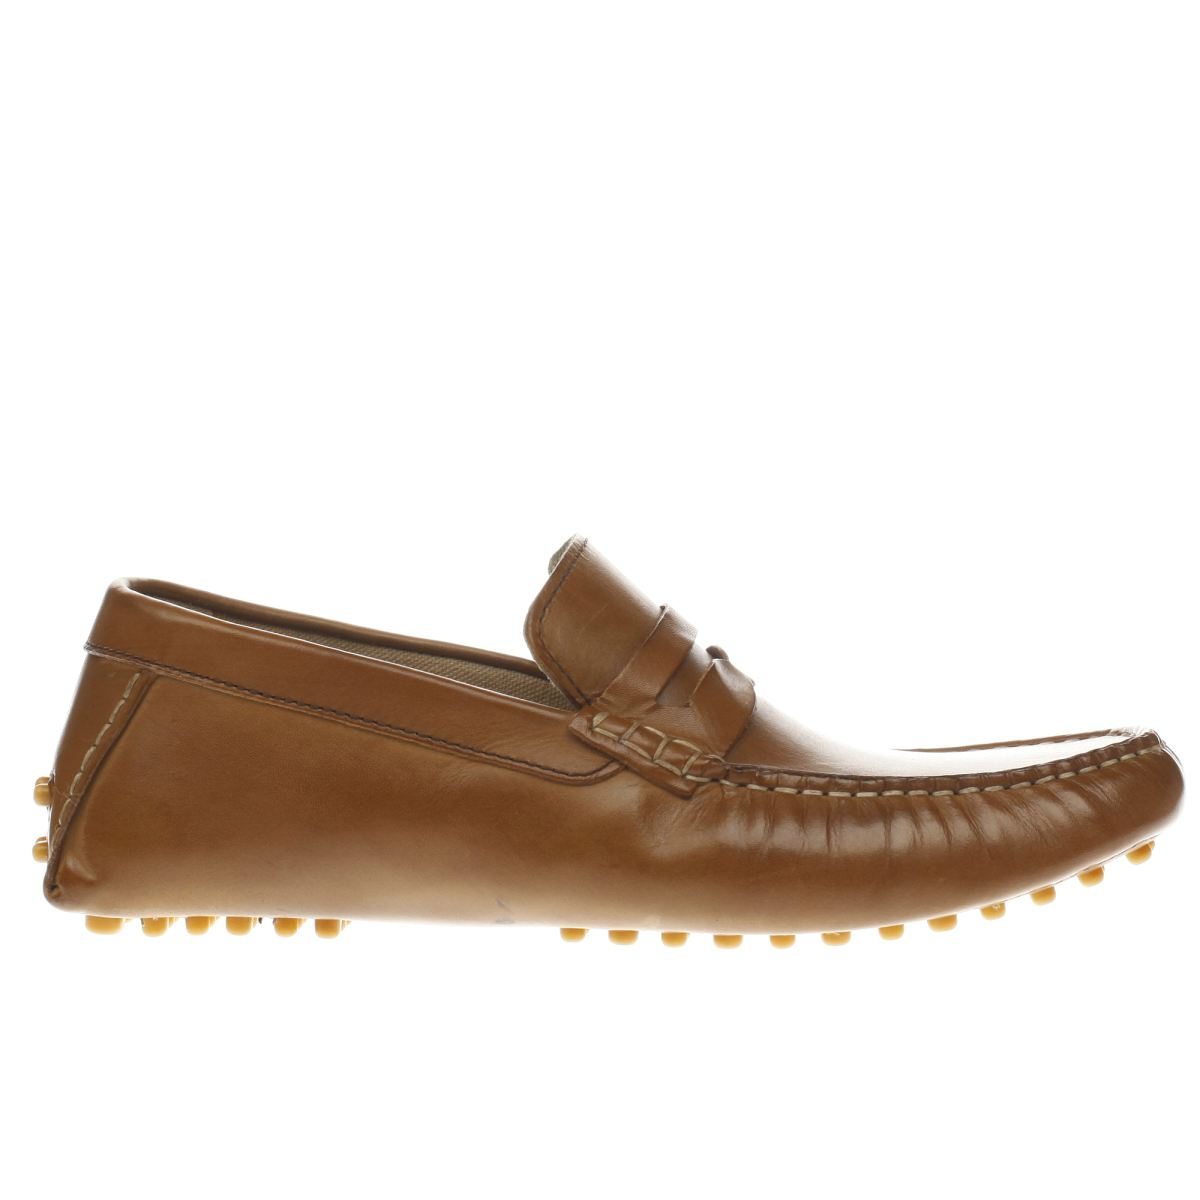 Ikon Ikon Tan Nico Driver Shoes